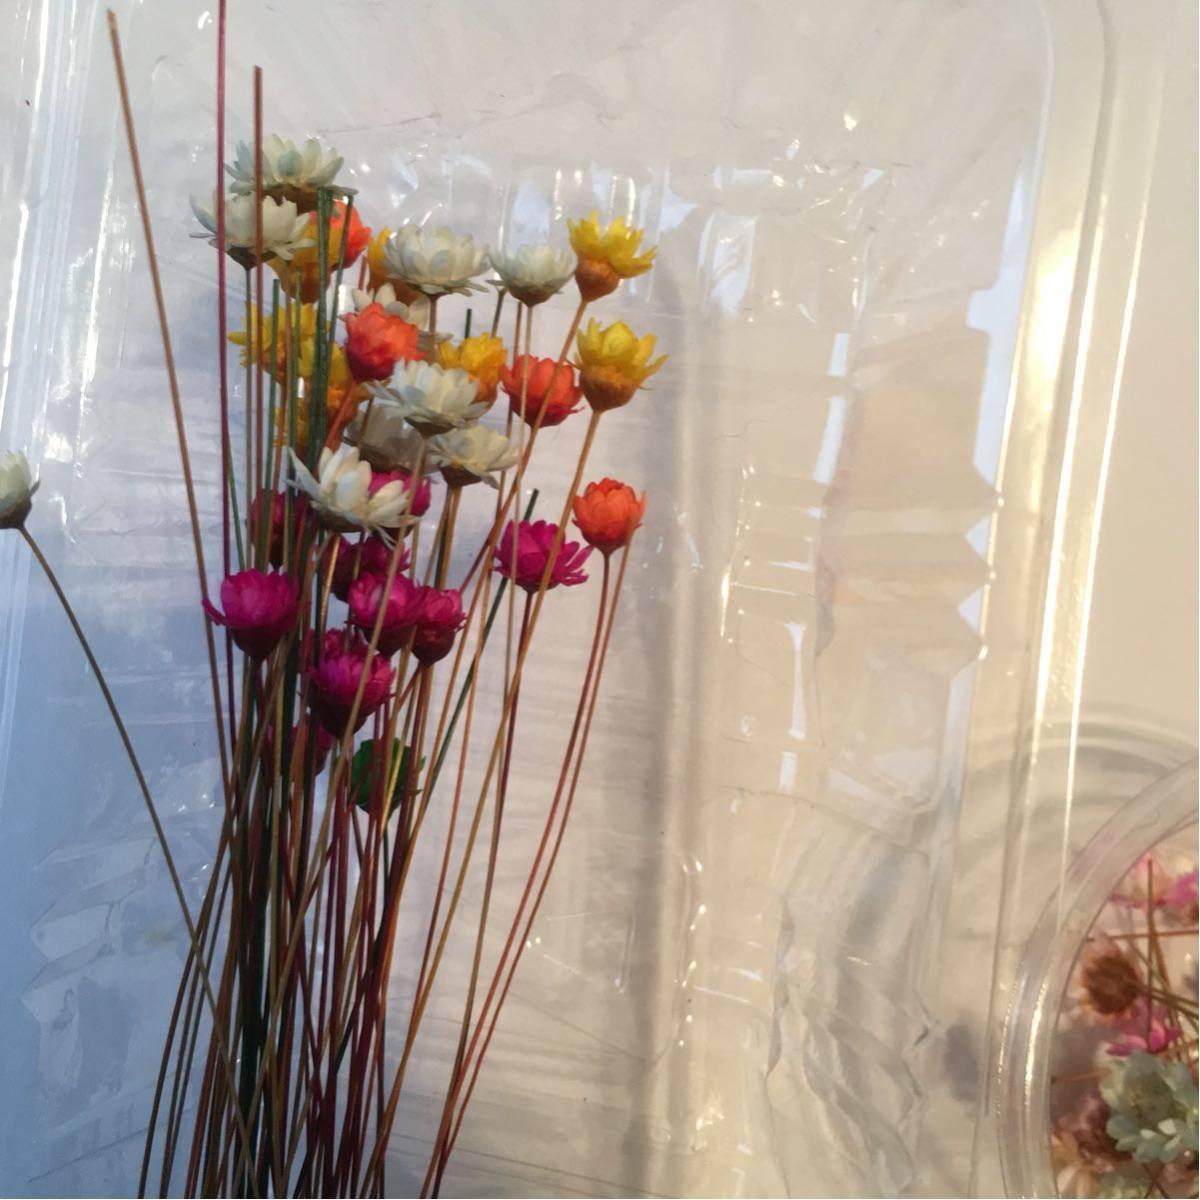 スターフラワー ドライフラワー ハーバリウム花材 画像のものハーバリウム_画像4